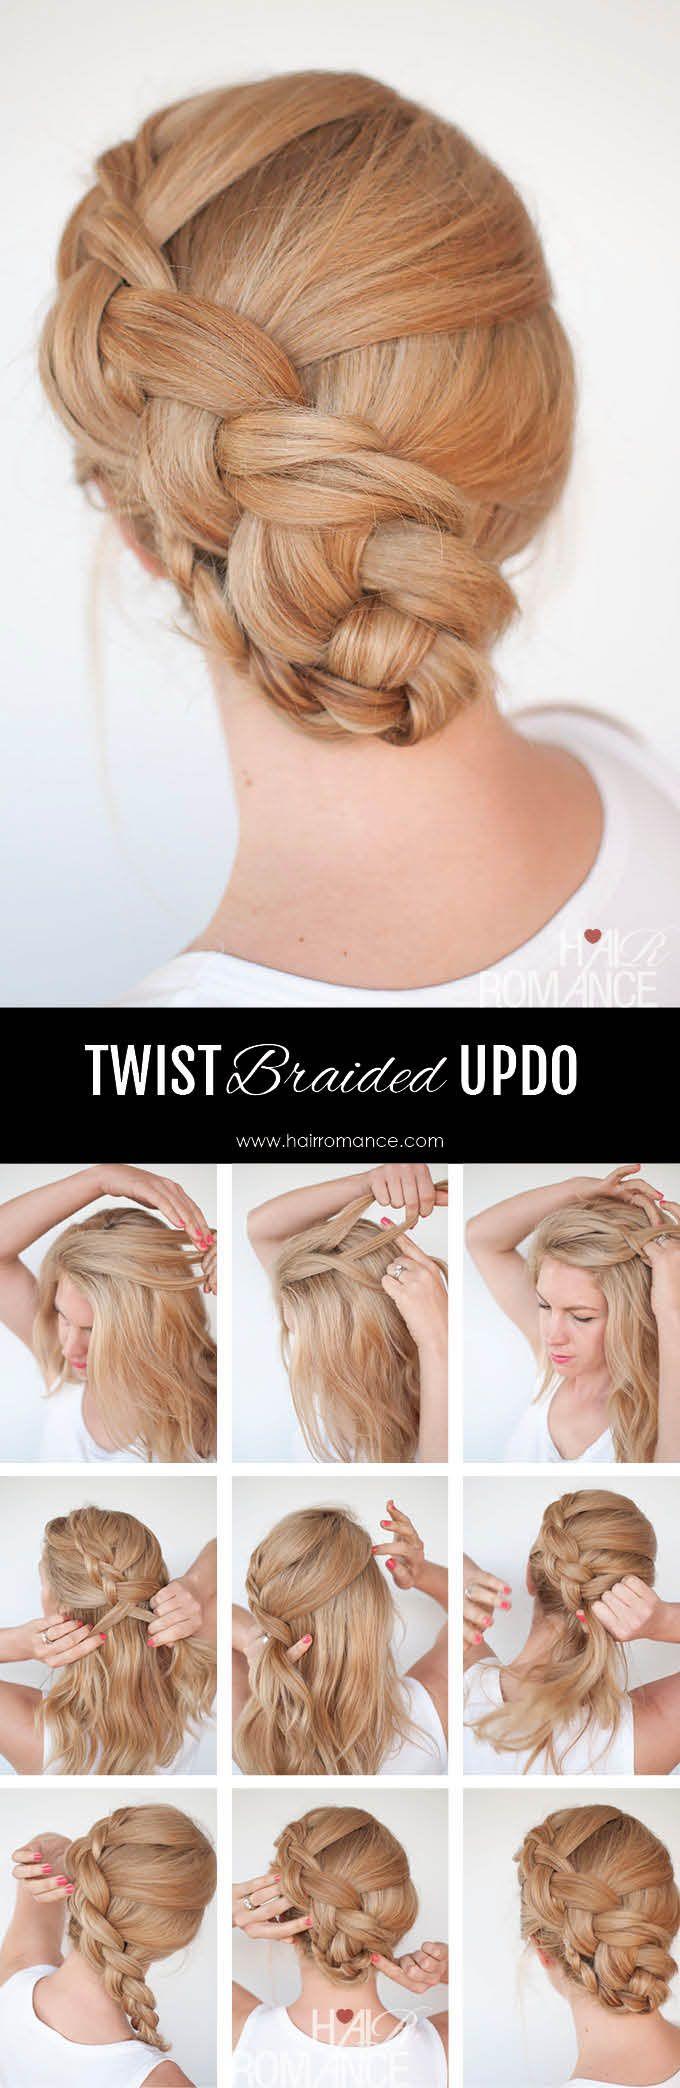 New Braid Hairstyle Tutorial The Twist Braid Updo Geflochtene Frisuren Frisuren Und Zopffrisuren